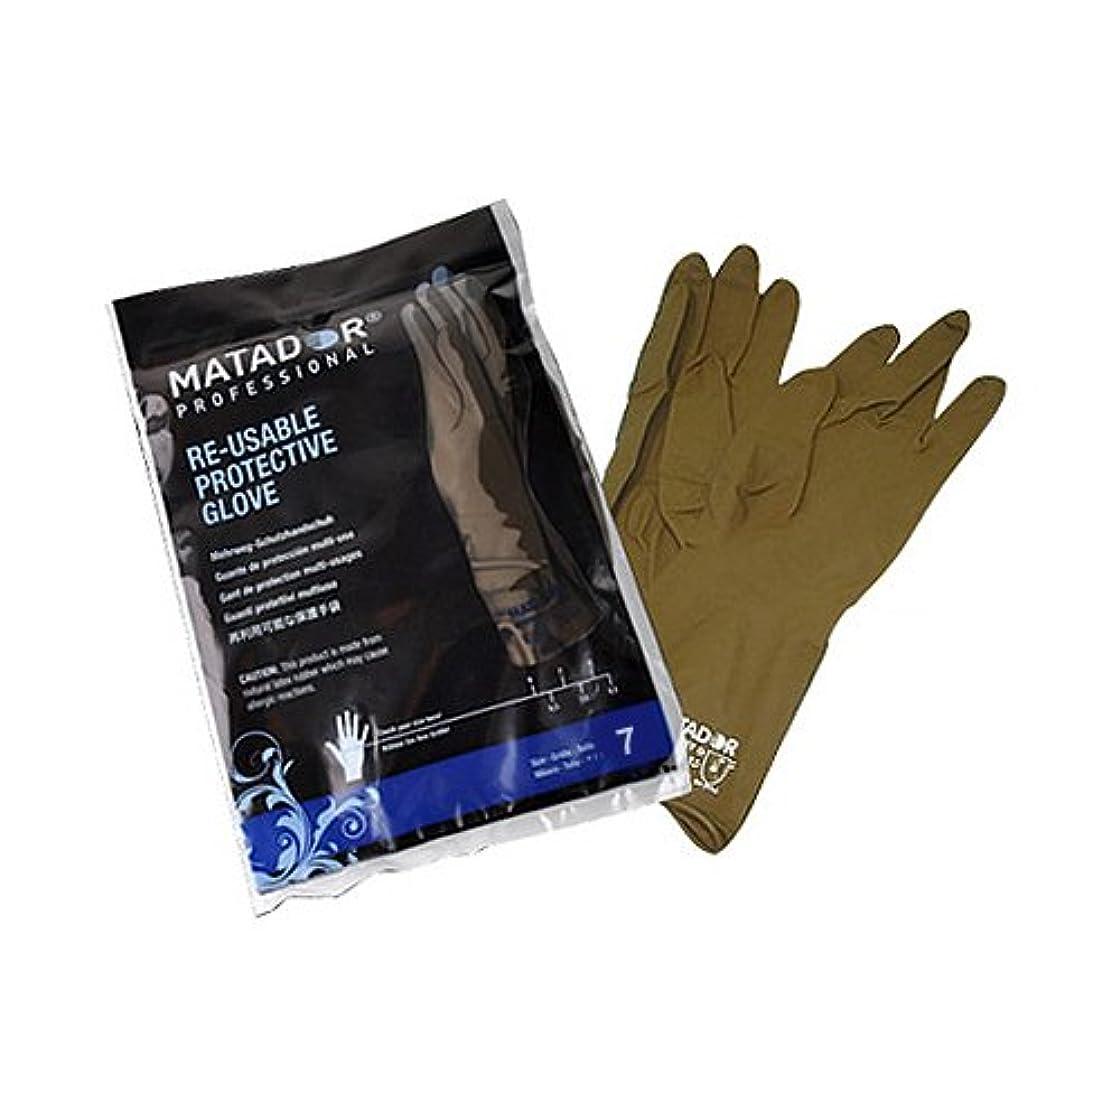 帆特殊専制マタドールゴム手袋 7.0吋 【5個セット】